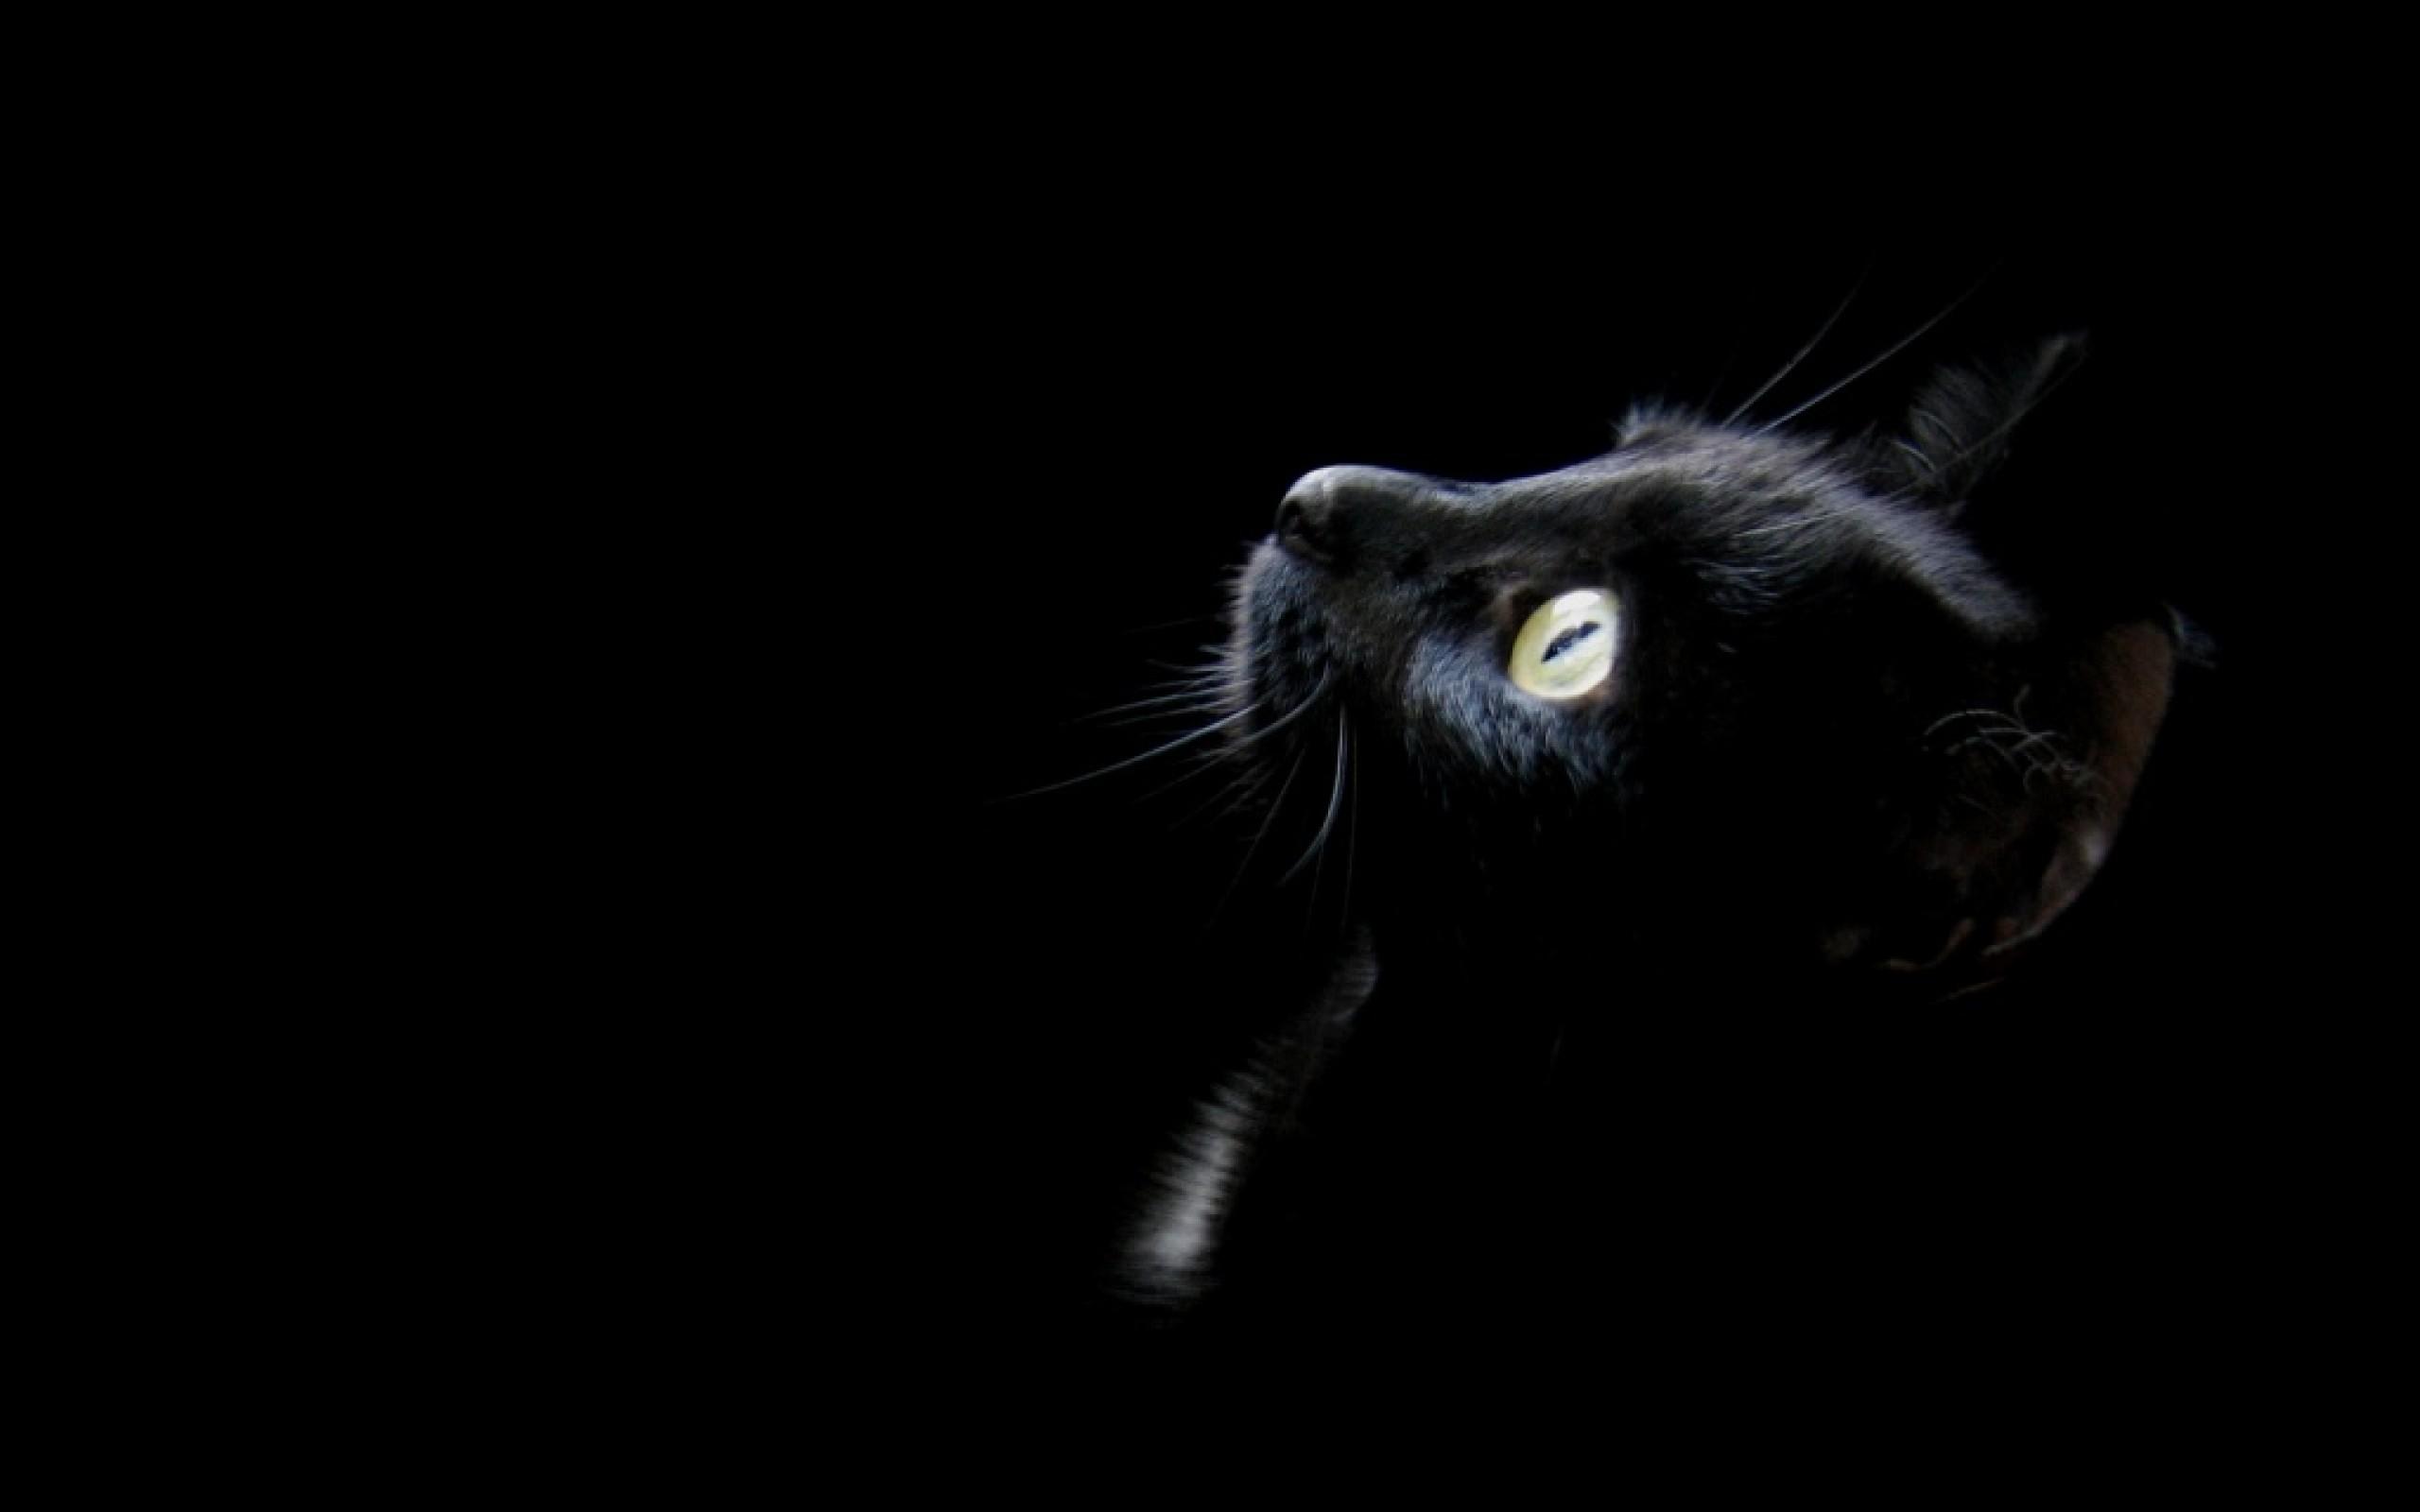 Black Cat wallpaper 6